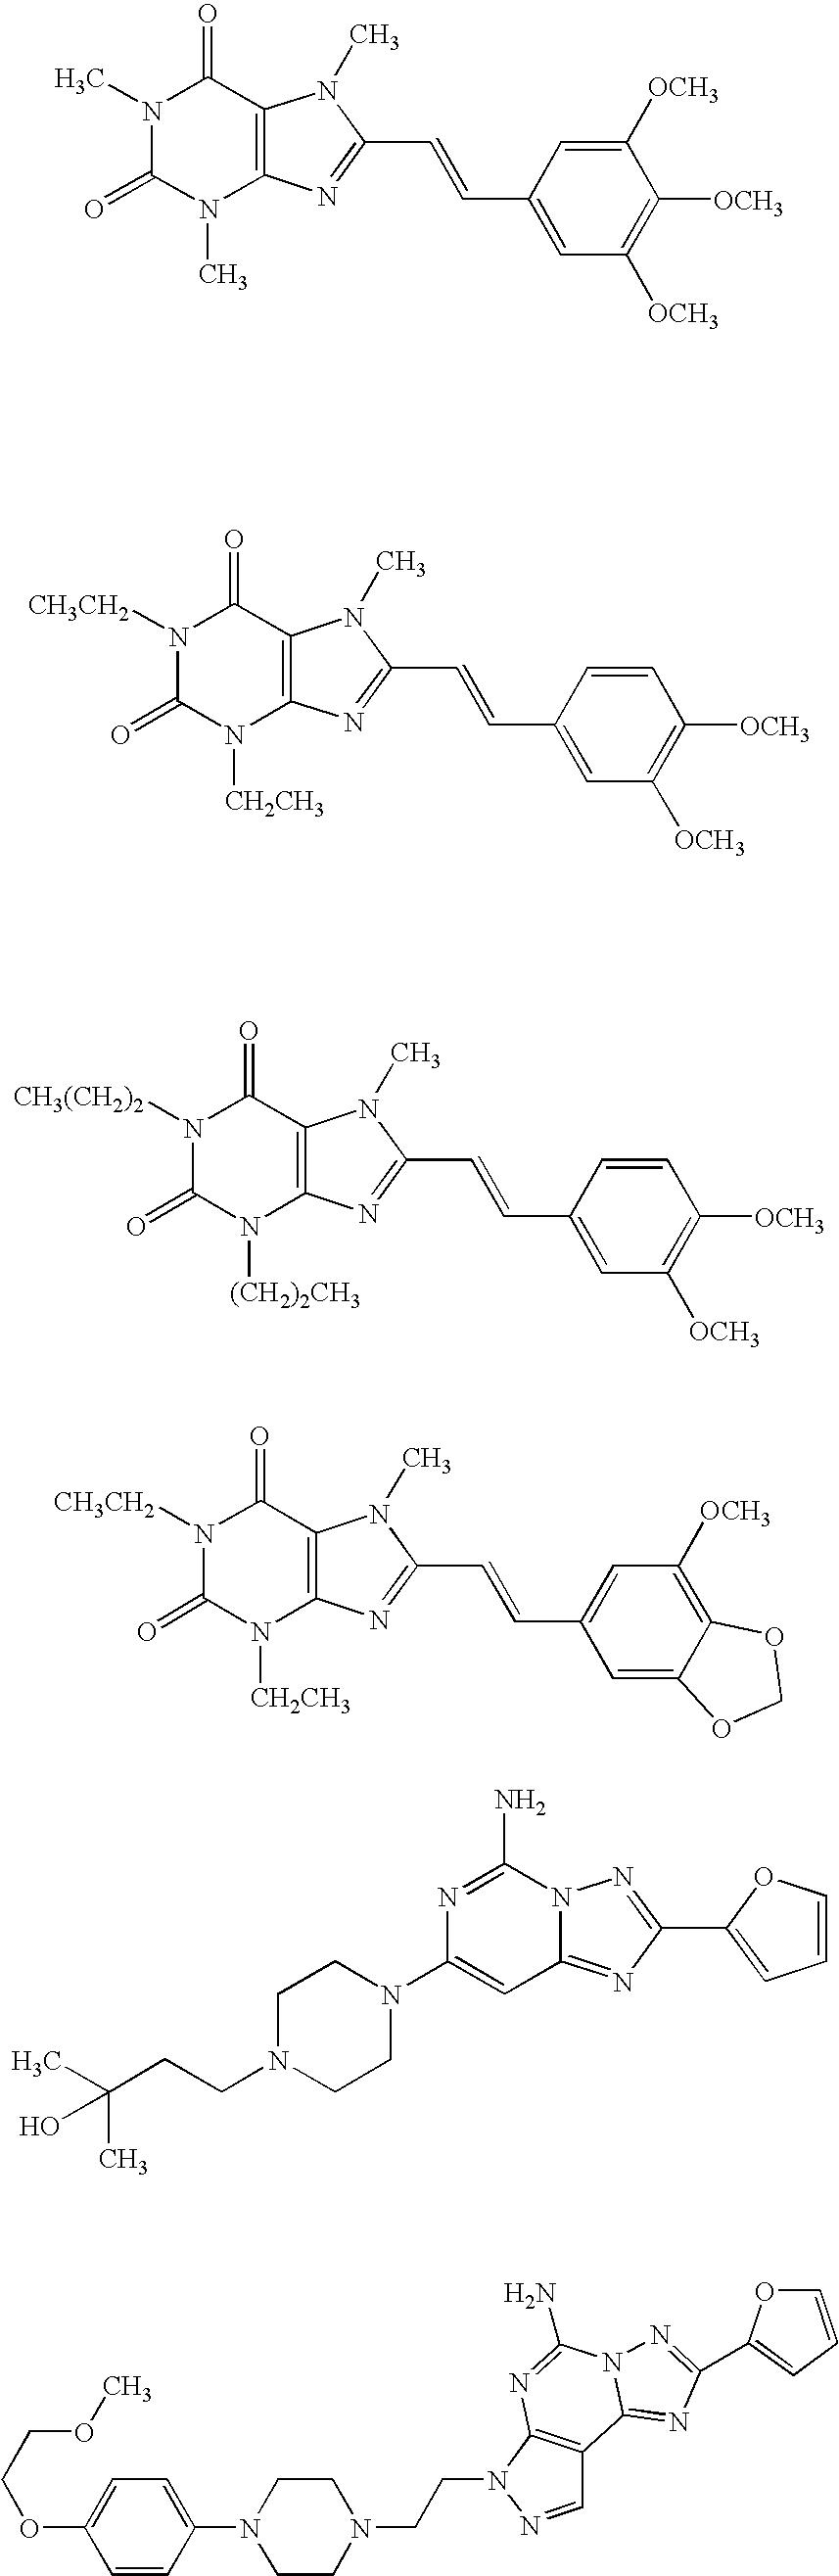 Figure US20070149555A1-20070628-C00028